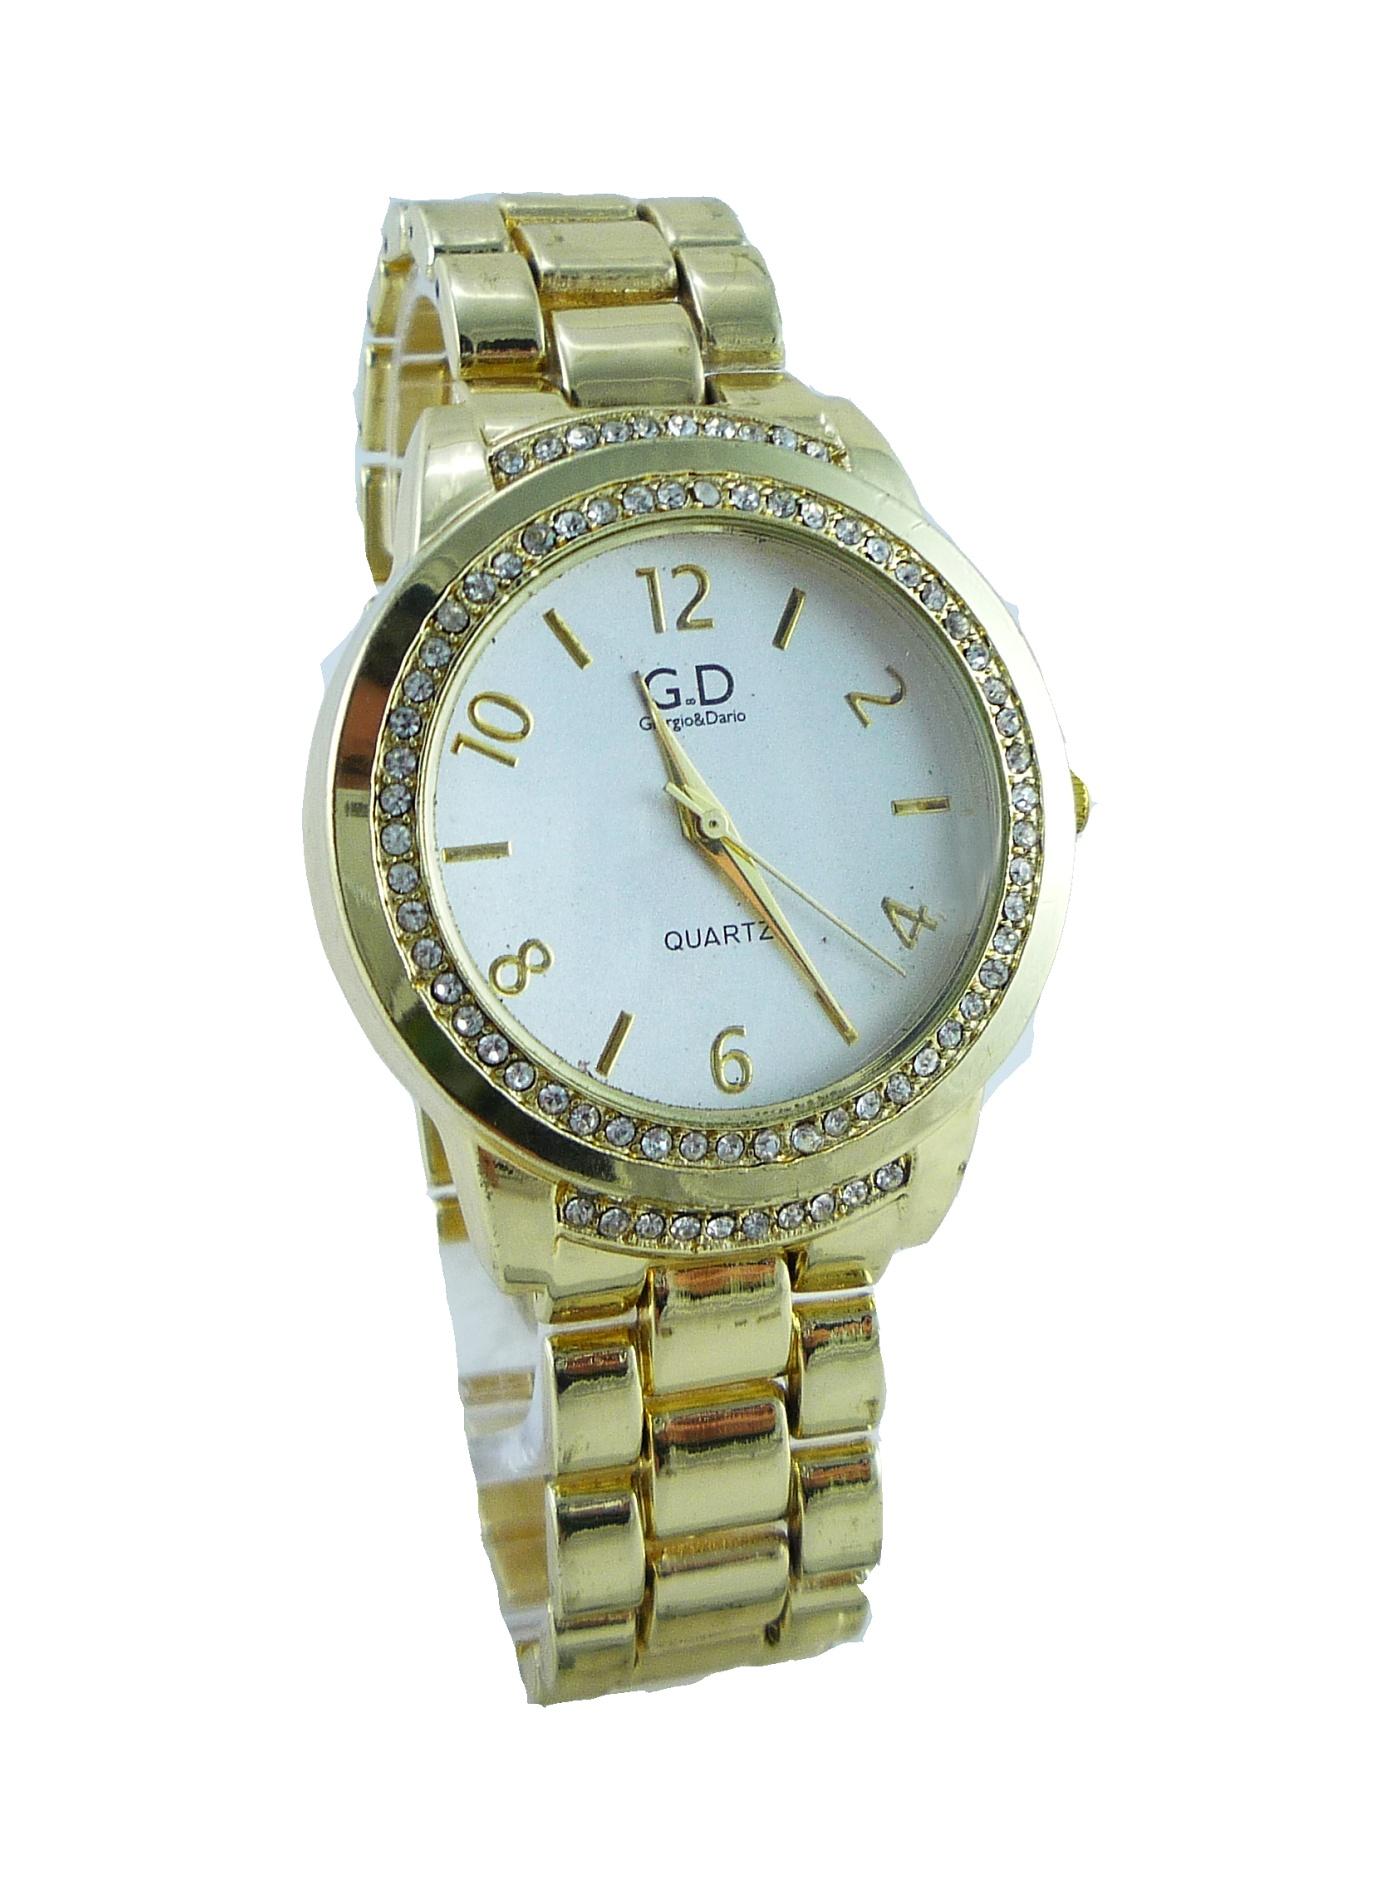 Dámské zlaté hodinky G.D Gold fabion 128D